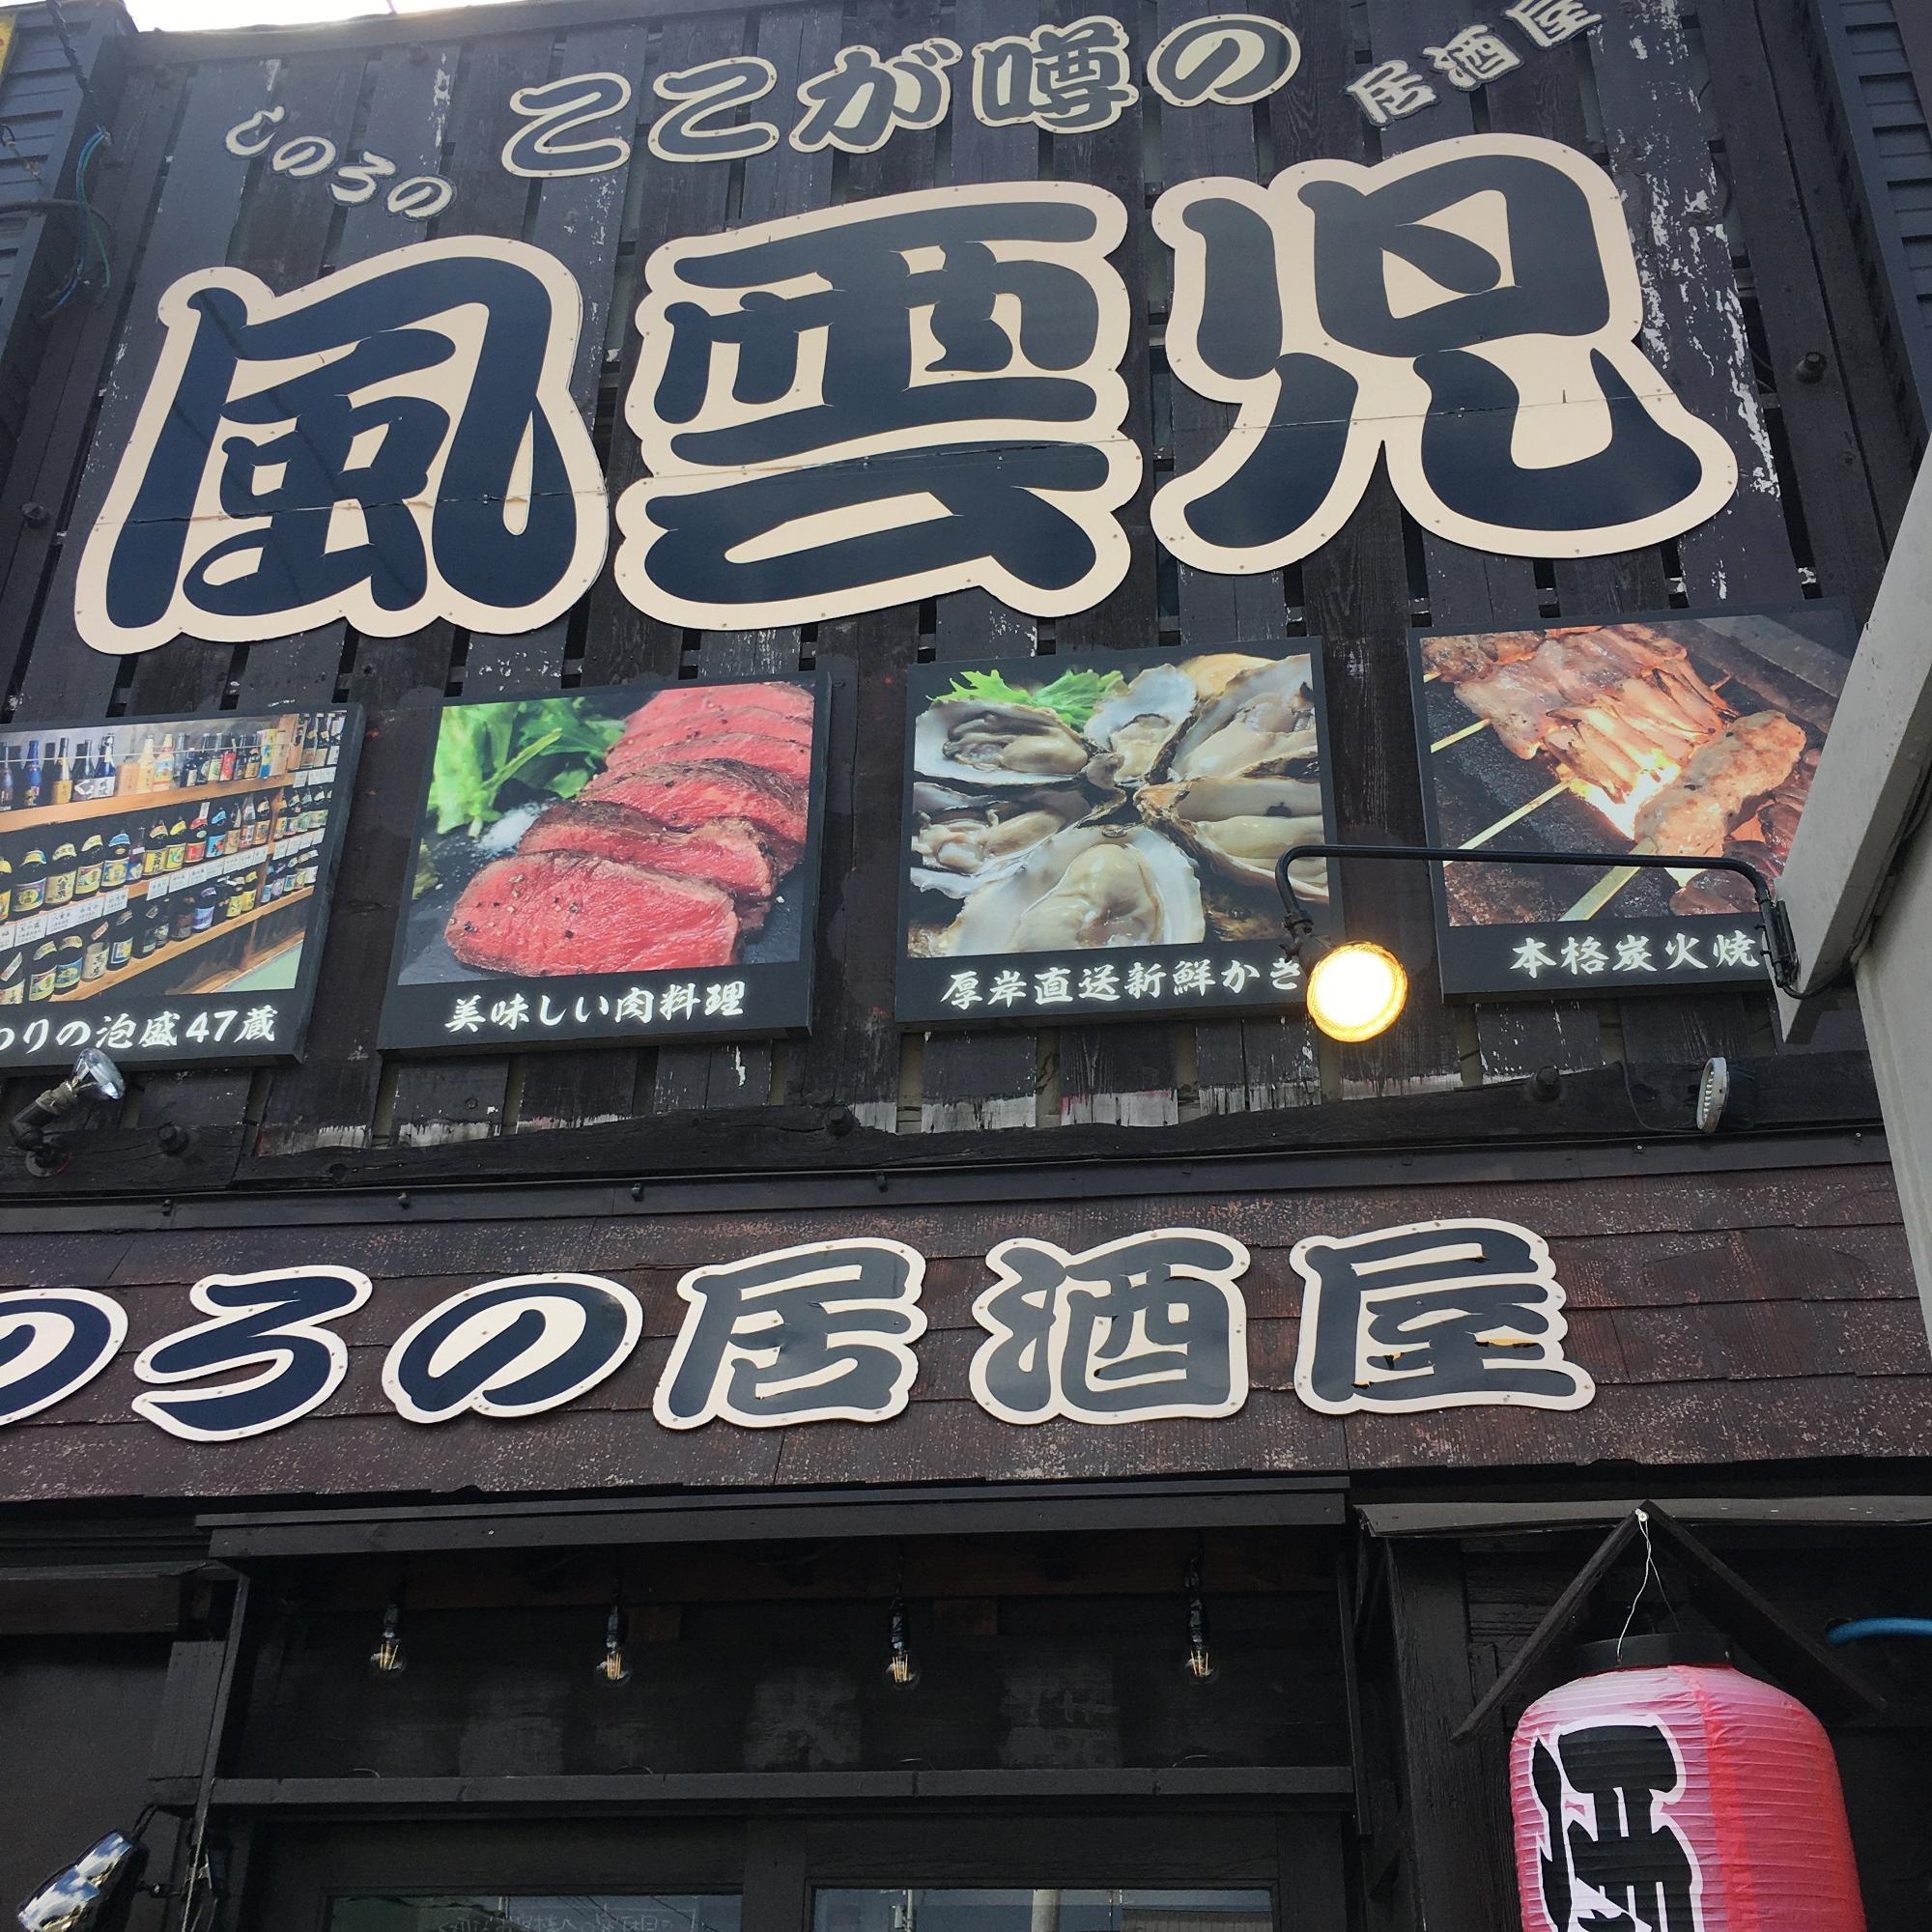 通りからもとても目立つ店構えの「しのろの居酒屋風雲児」